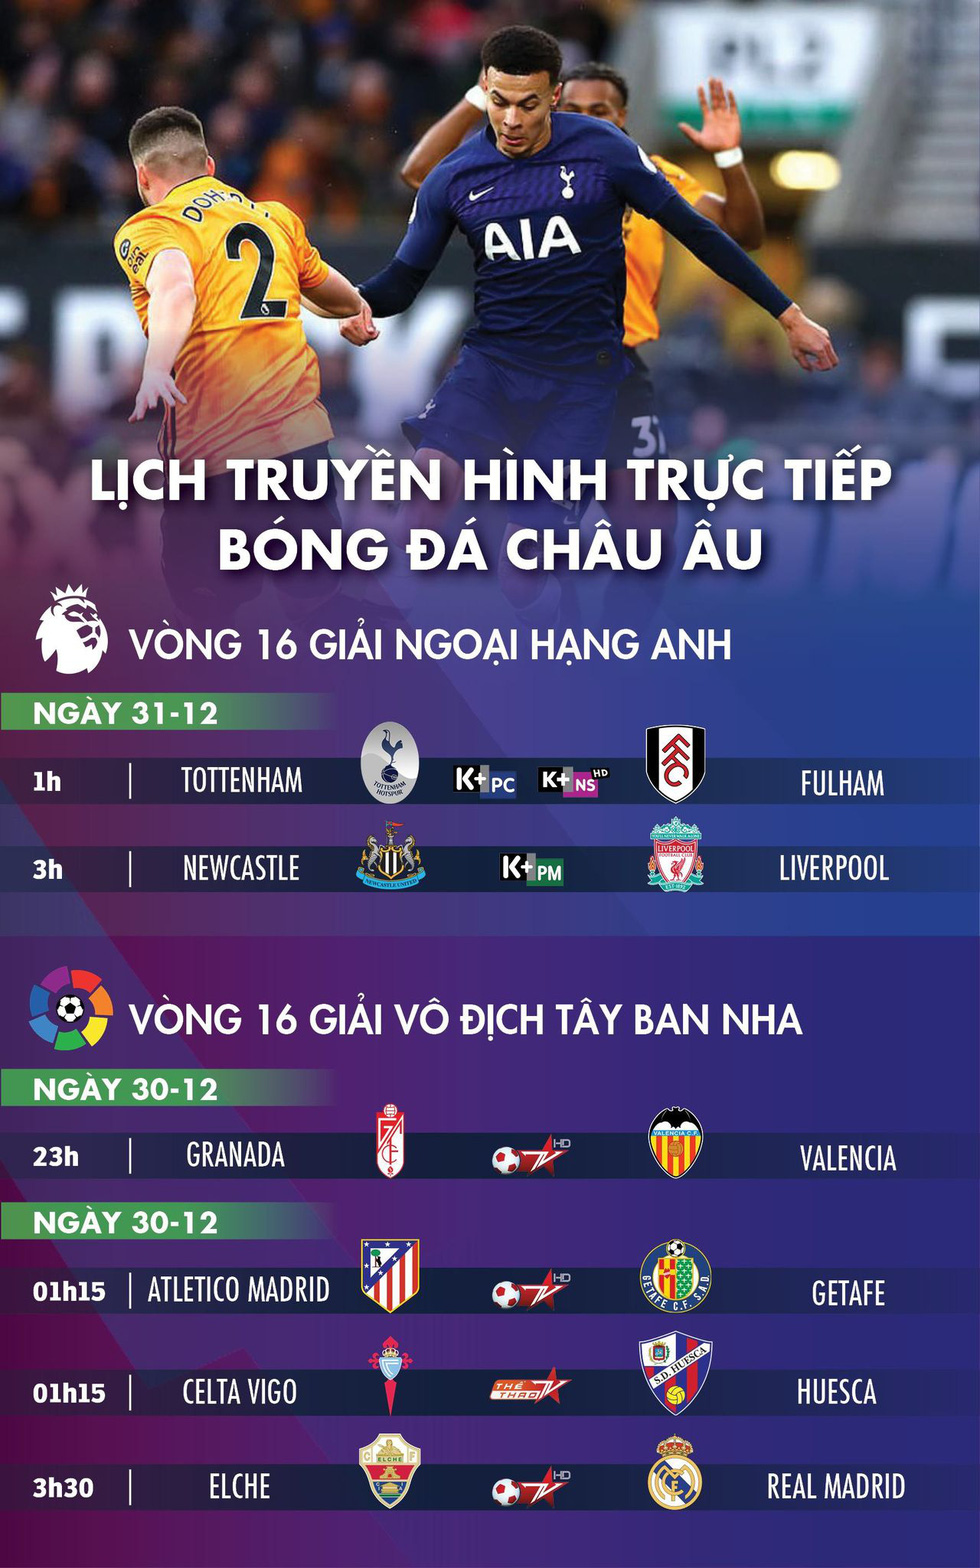 Lịch trực tiếp bóng đá châu Âu 31-12: Tâm điểm Tottenham, Liverpool và thành Madrid - Ảnh 1.